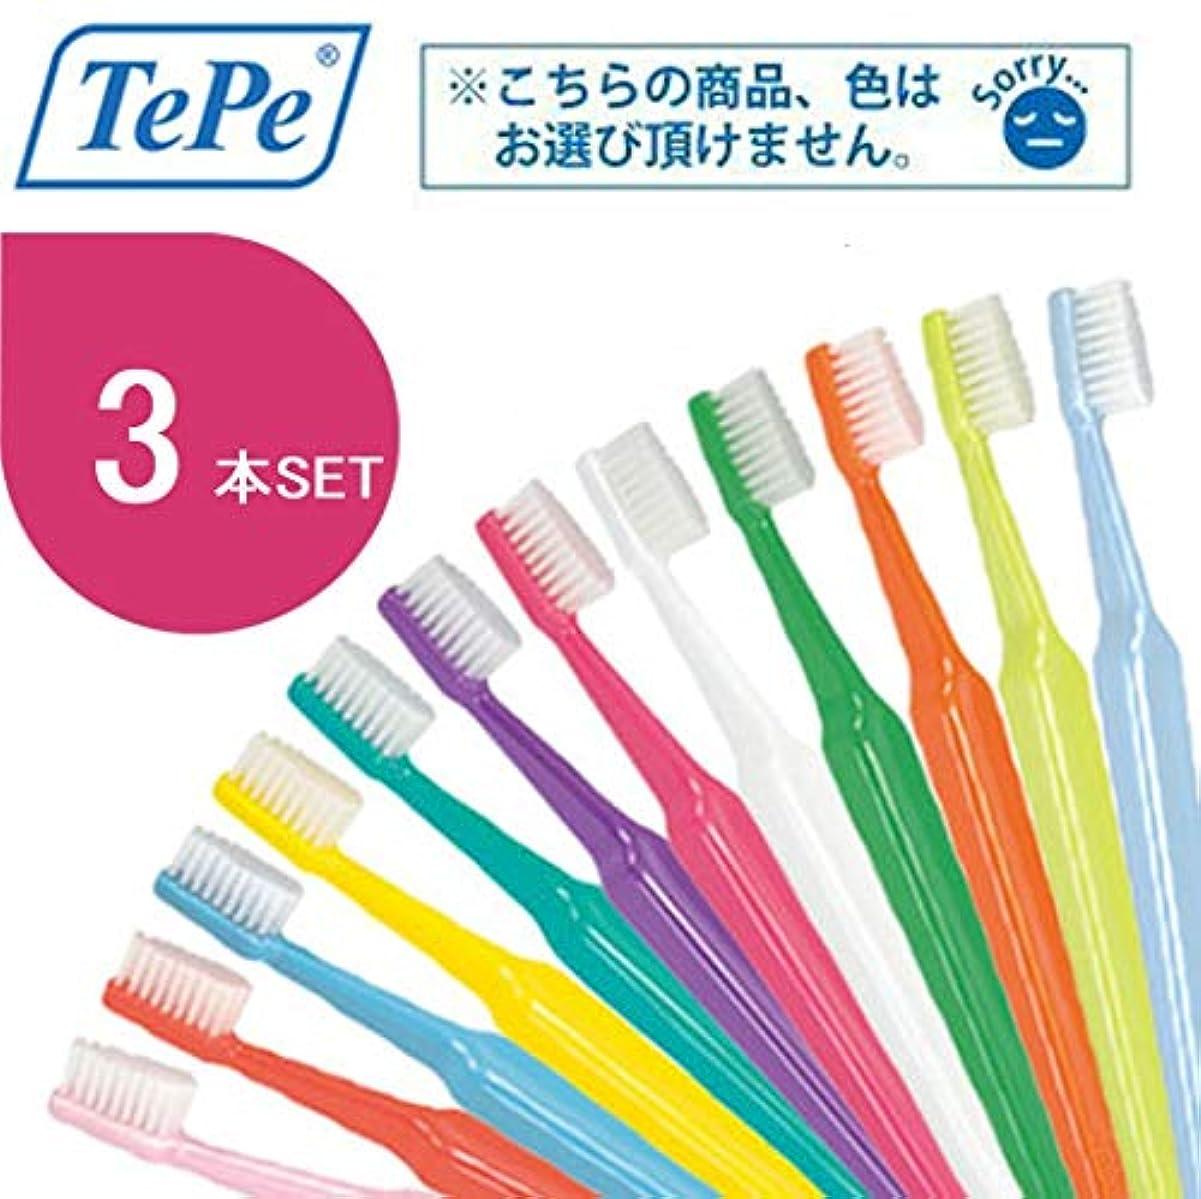 海峡ひも馬鹿技術者クロスフィールド TePe テペ セレクト 歯ブラシ 3本 (エクストラソフト)